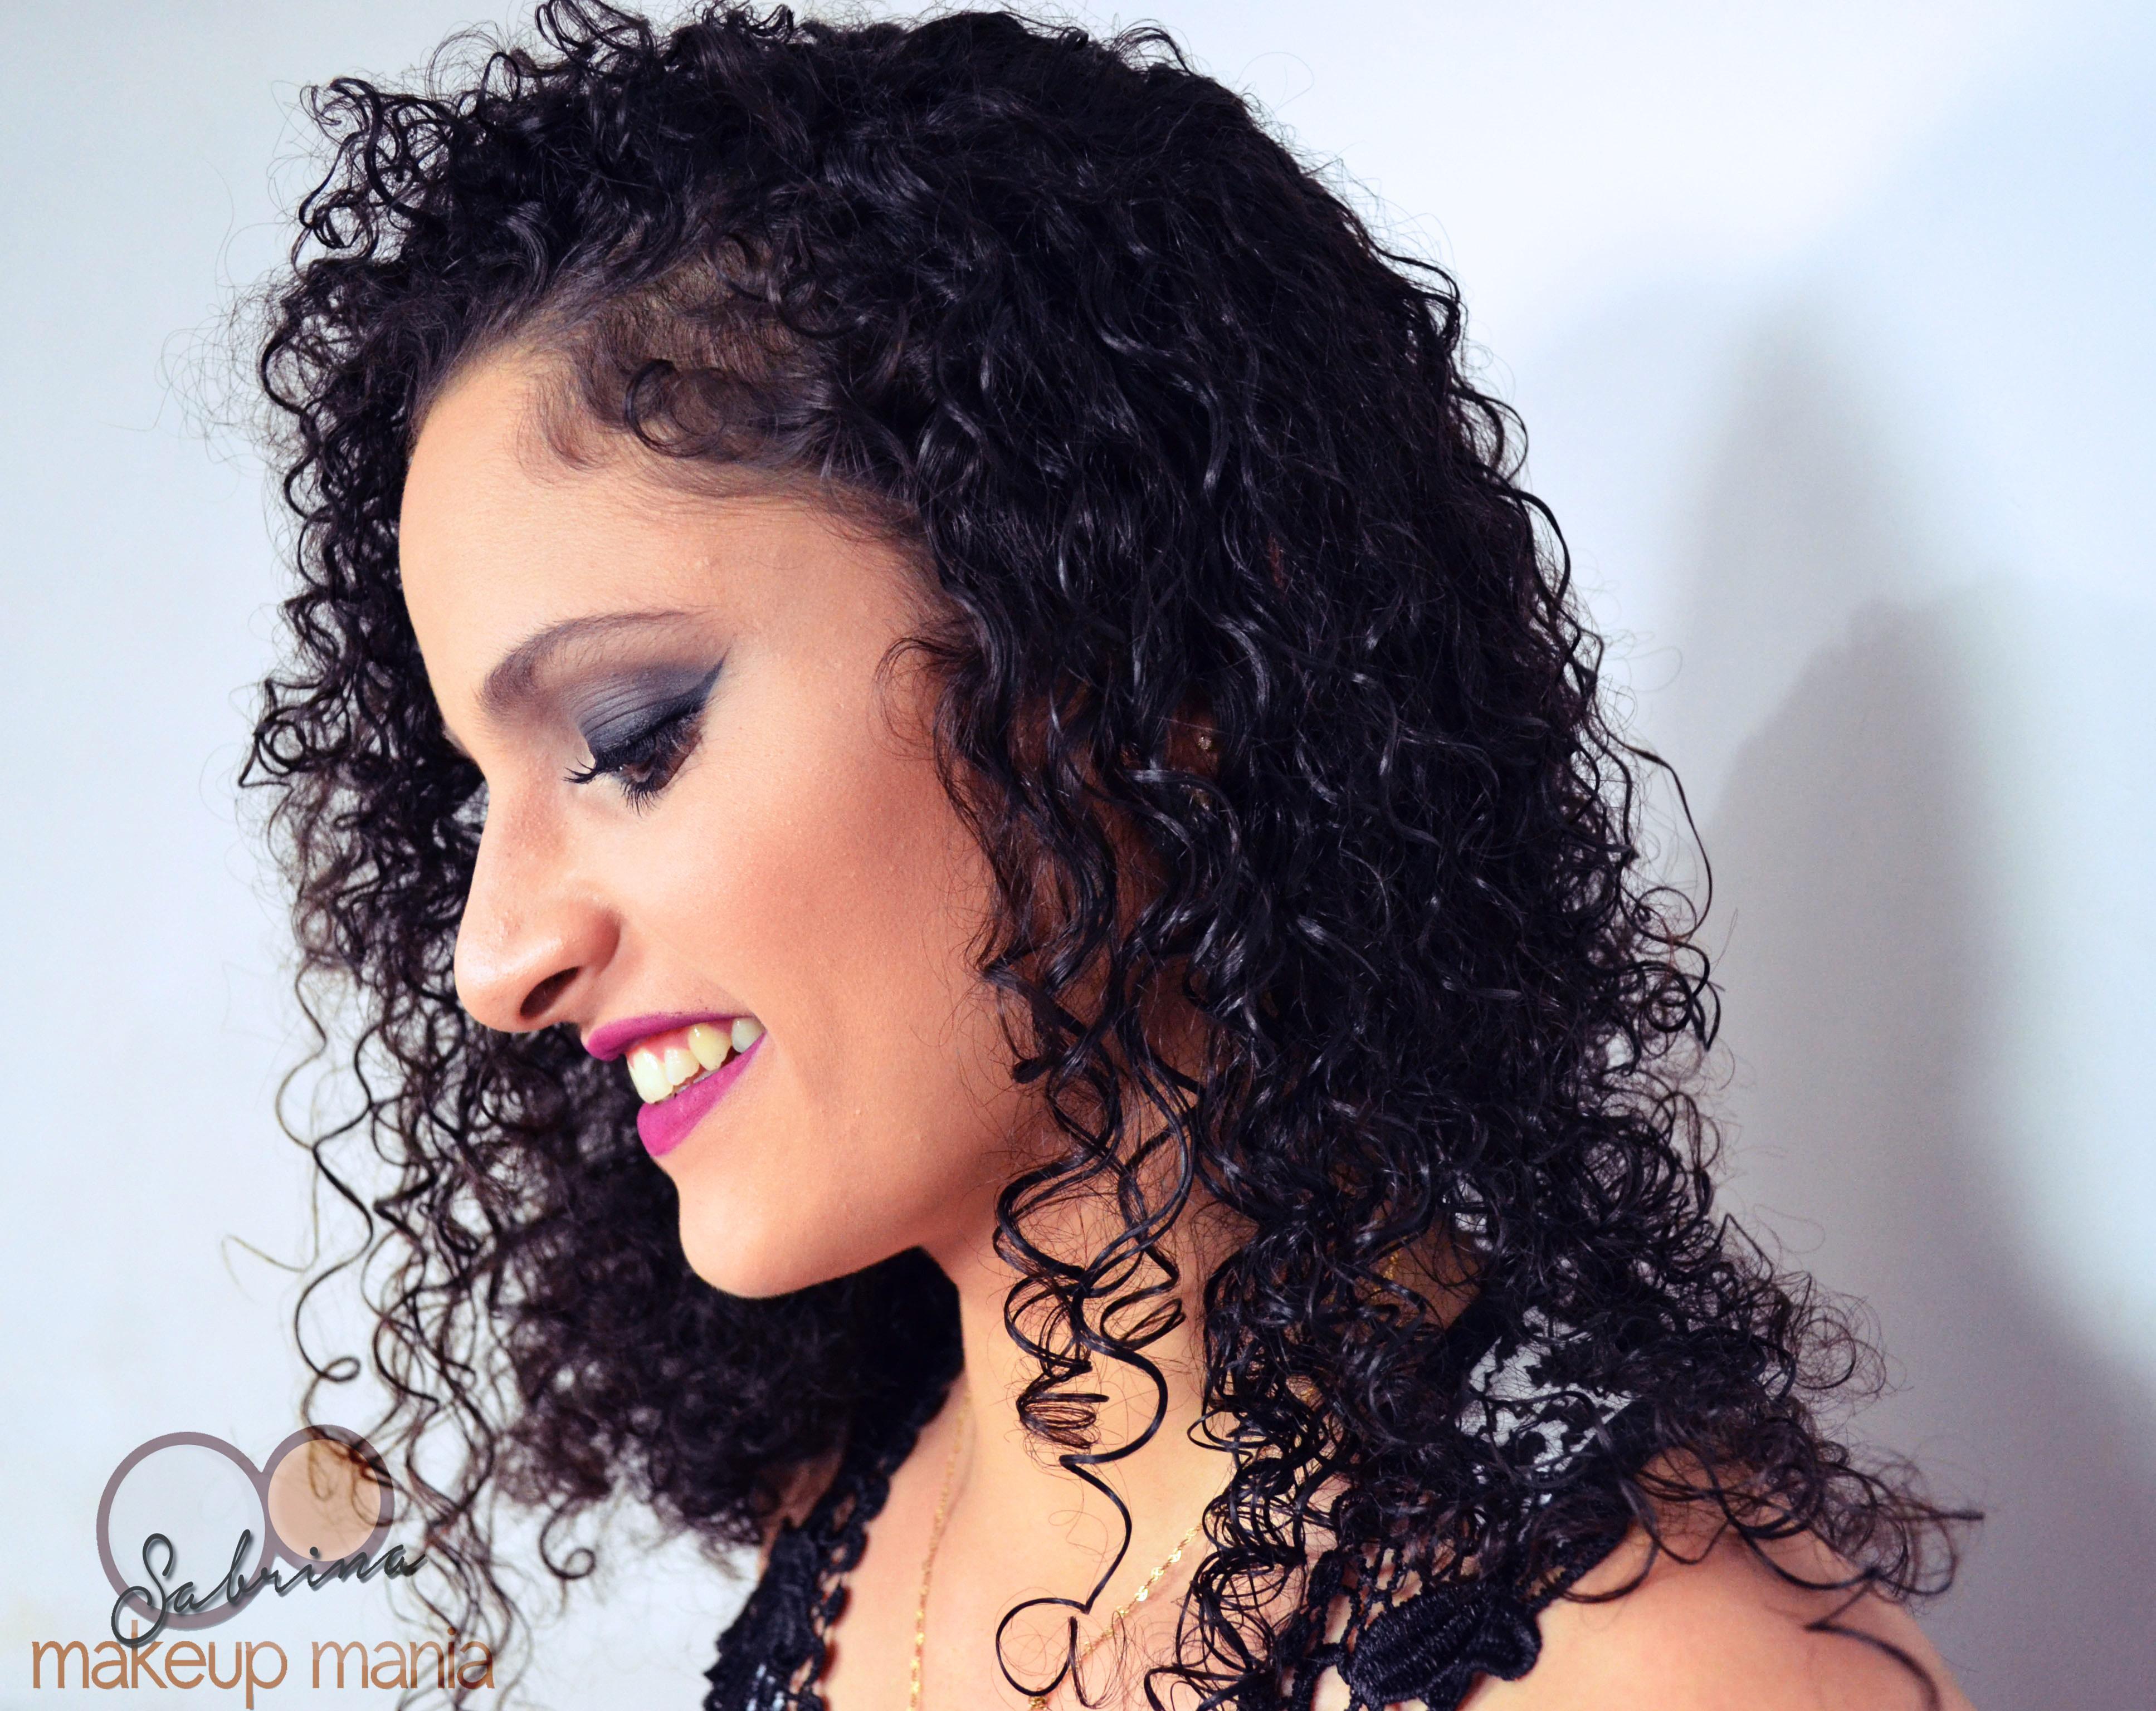 #lindaaaa #amomeutrabalho #sabrinamakeupmania  maquiador(a)